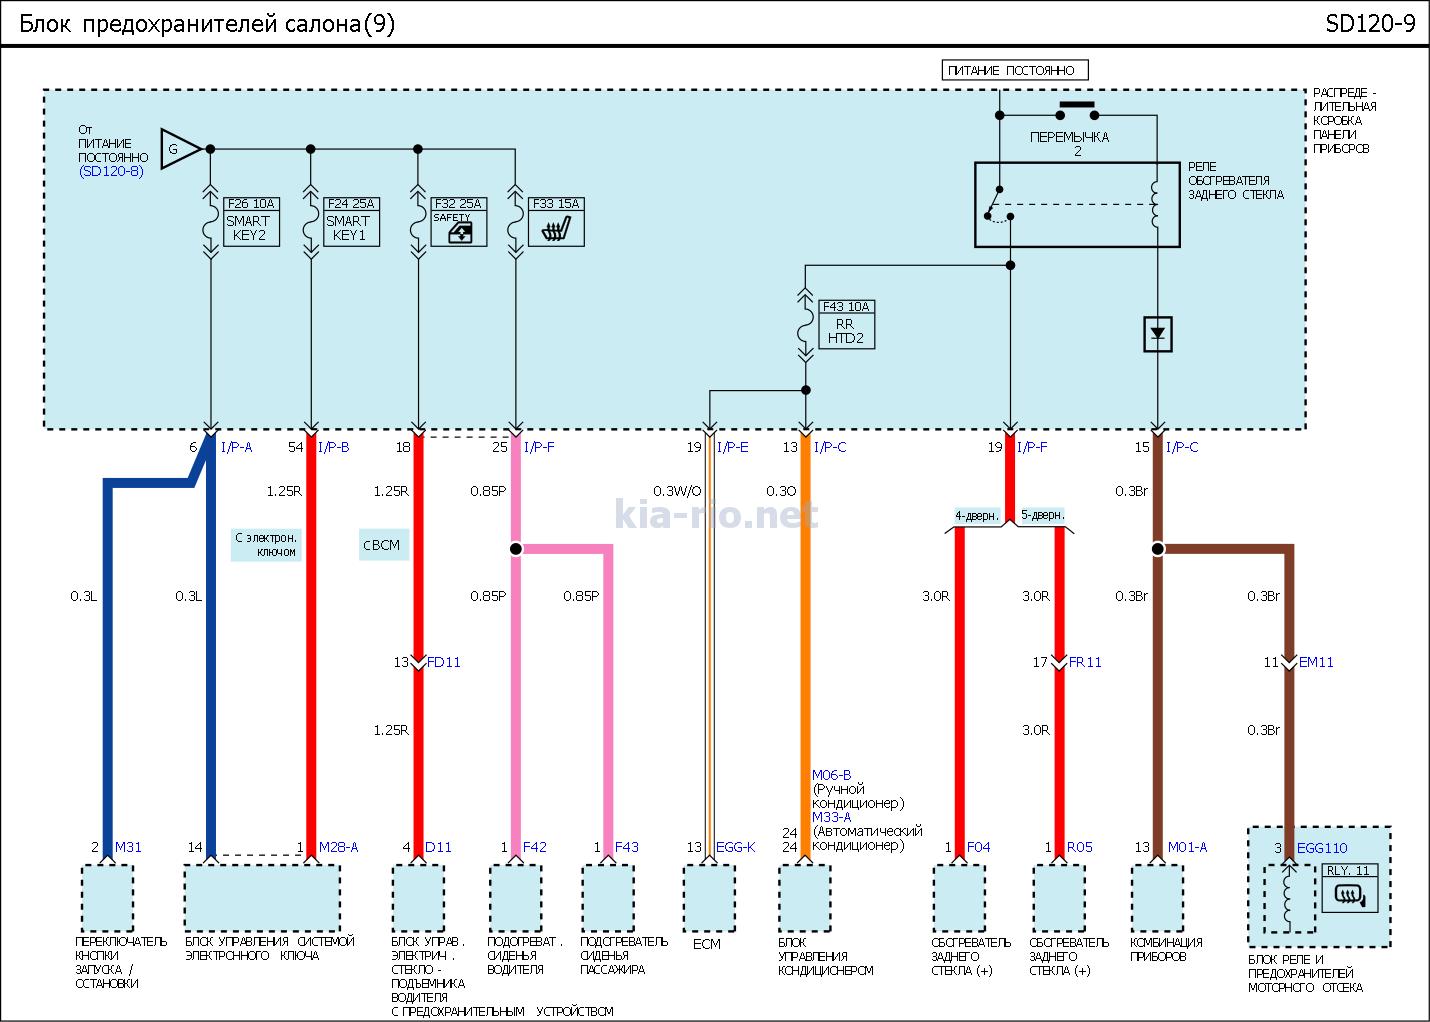 Блок предохранителей на фрилендер 2 схема